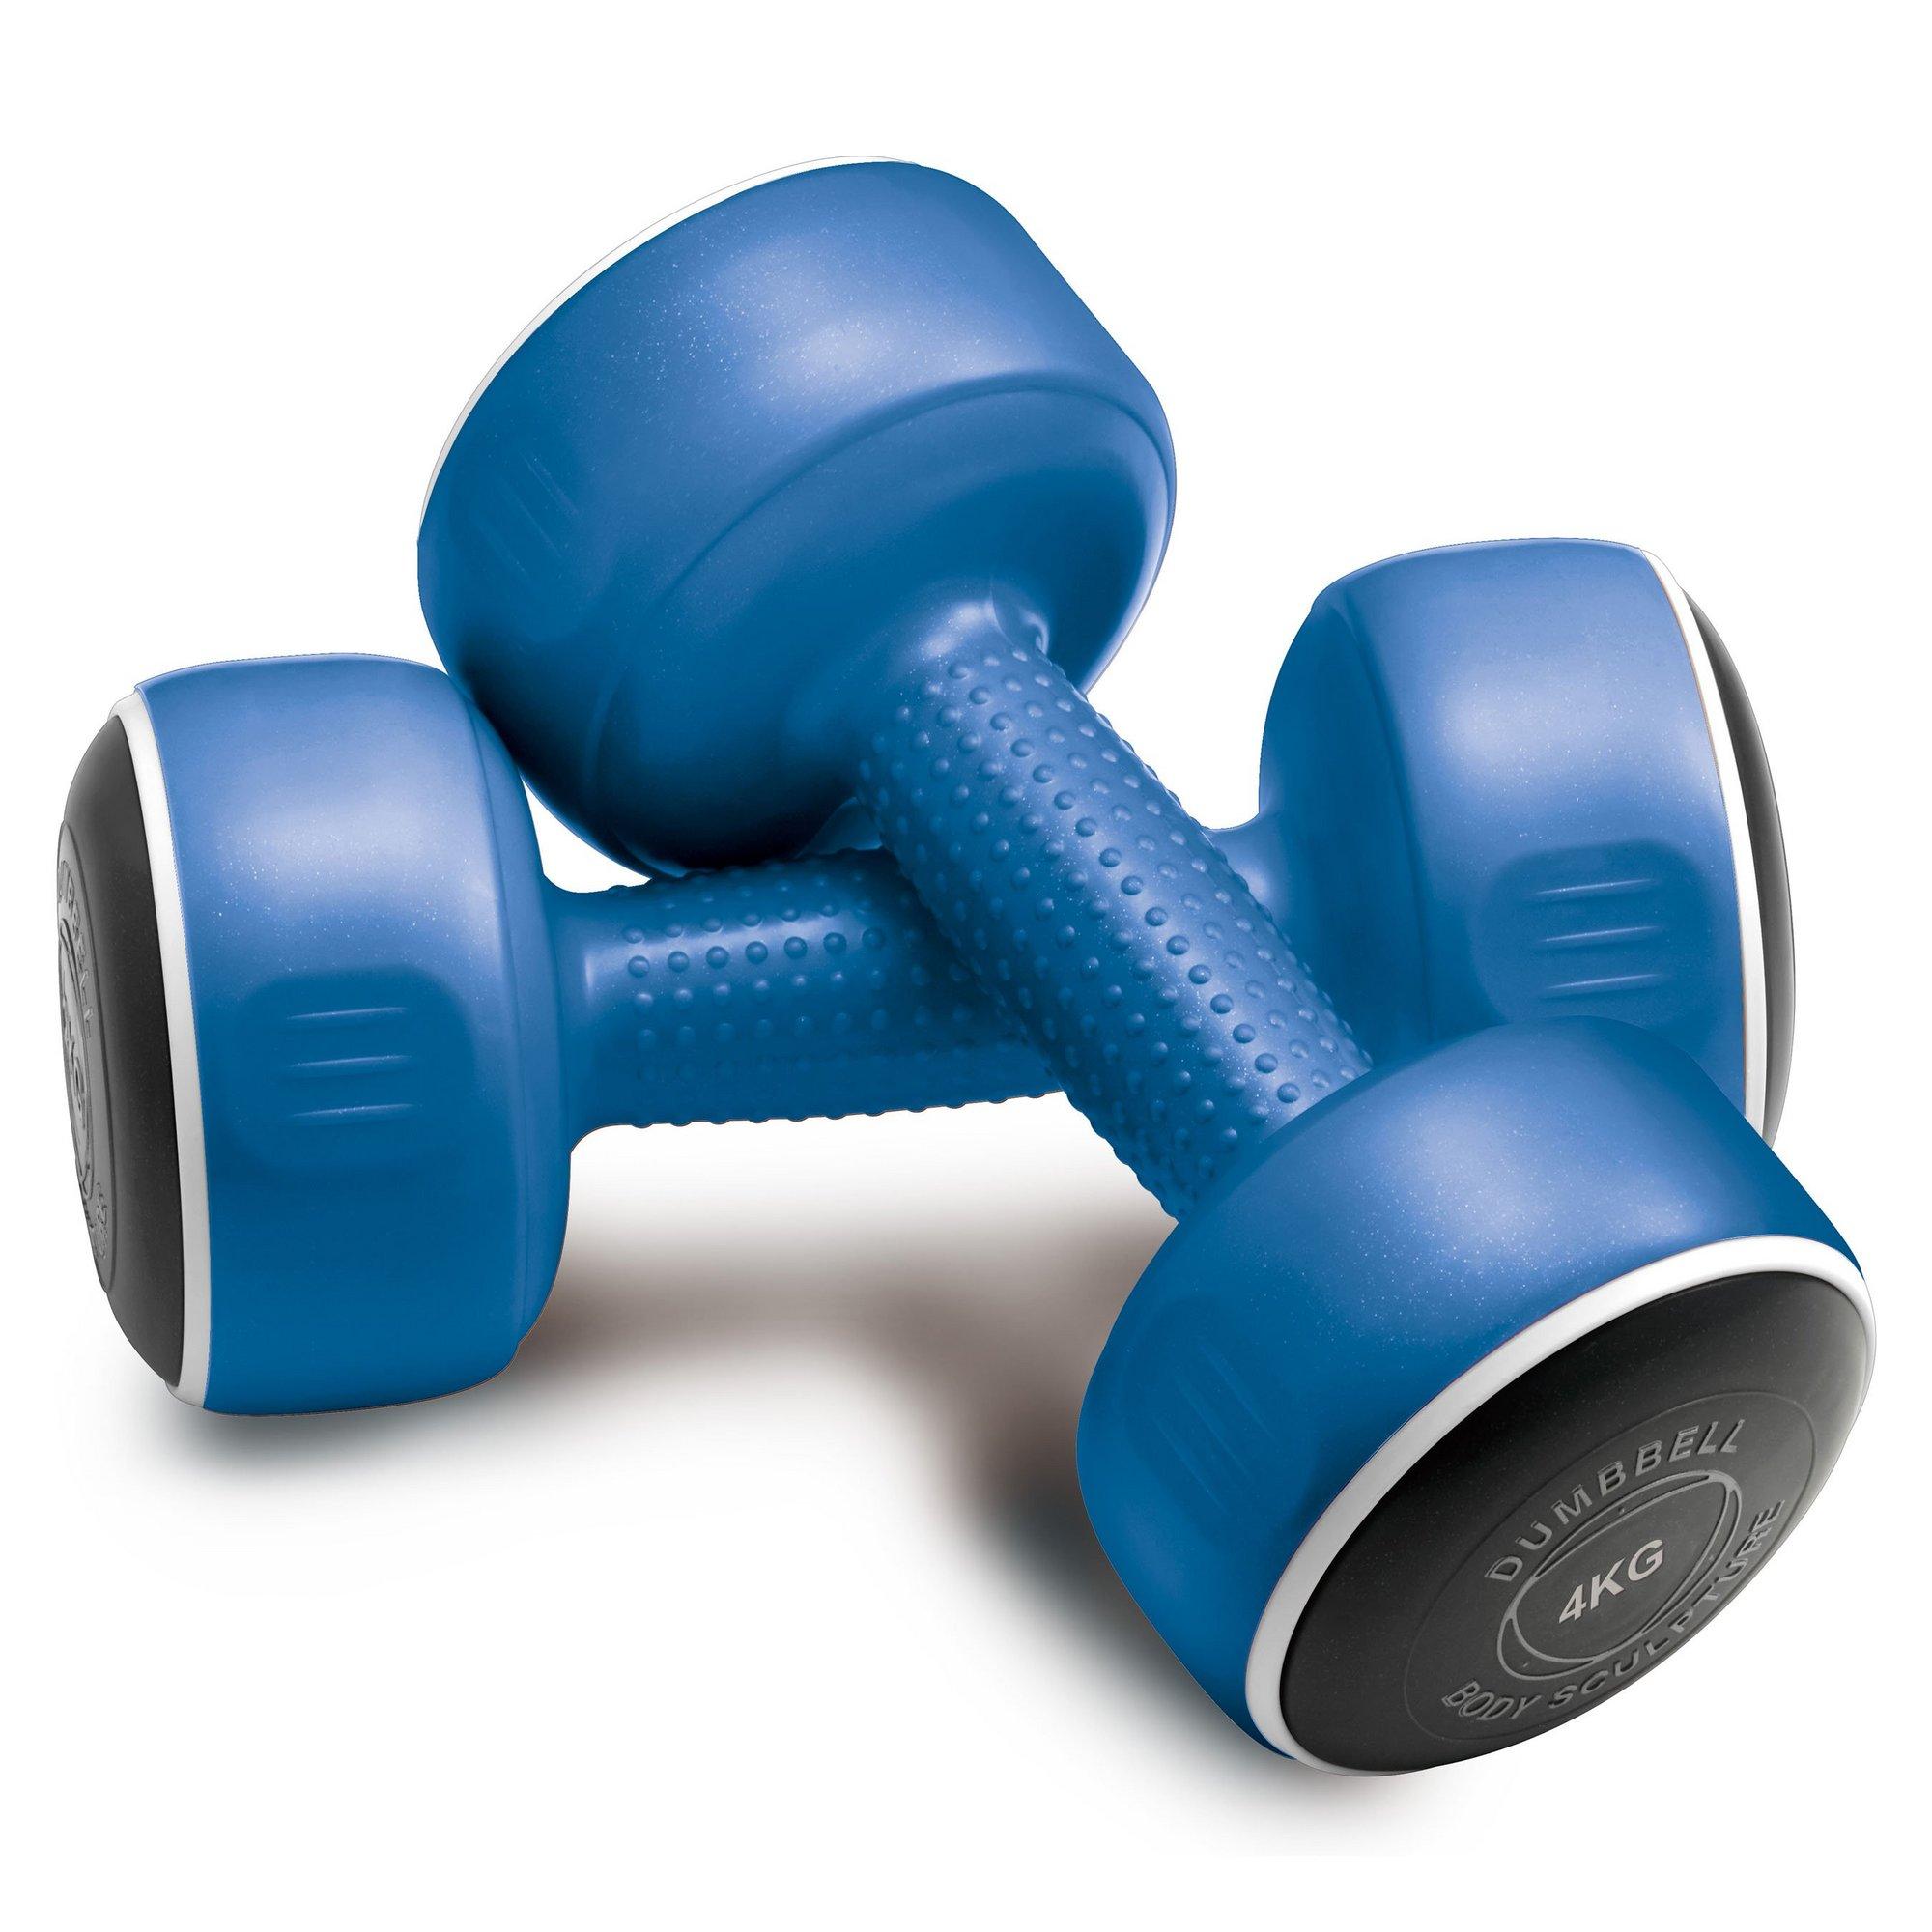 Image of Blue 4 Kg Smart Dumbbell Set - Set of 2